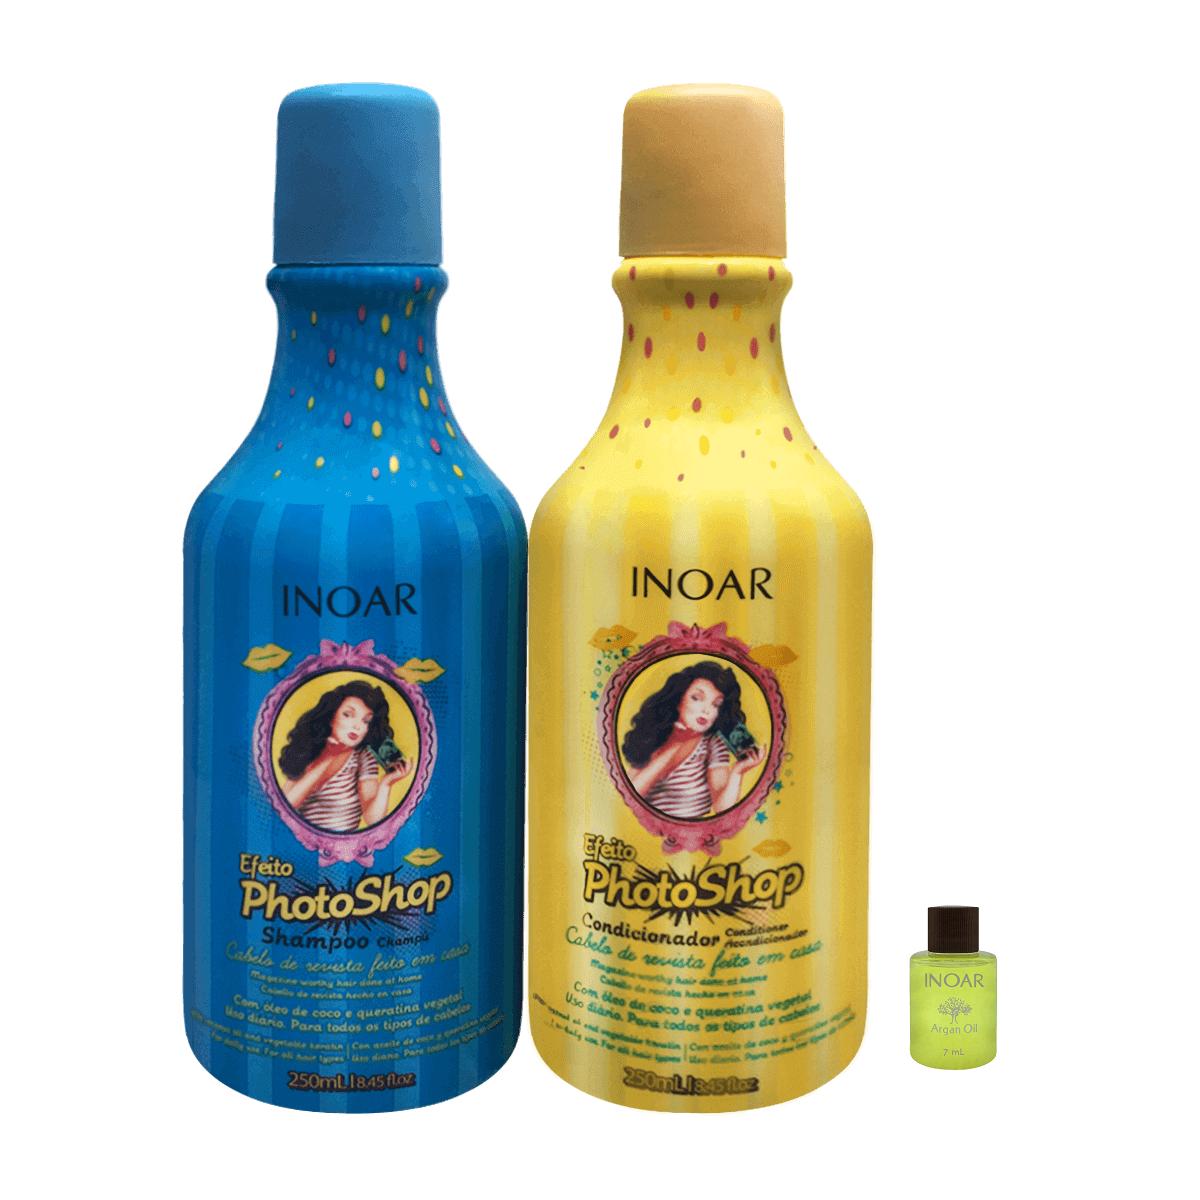 Inoar Kit Duo Efeito Photoshop - Shampoo e Condicionador (Ampola Grátis)